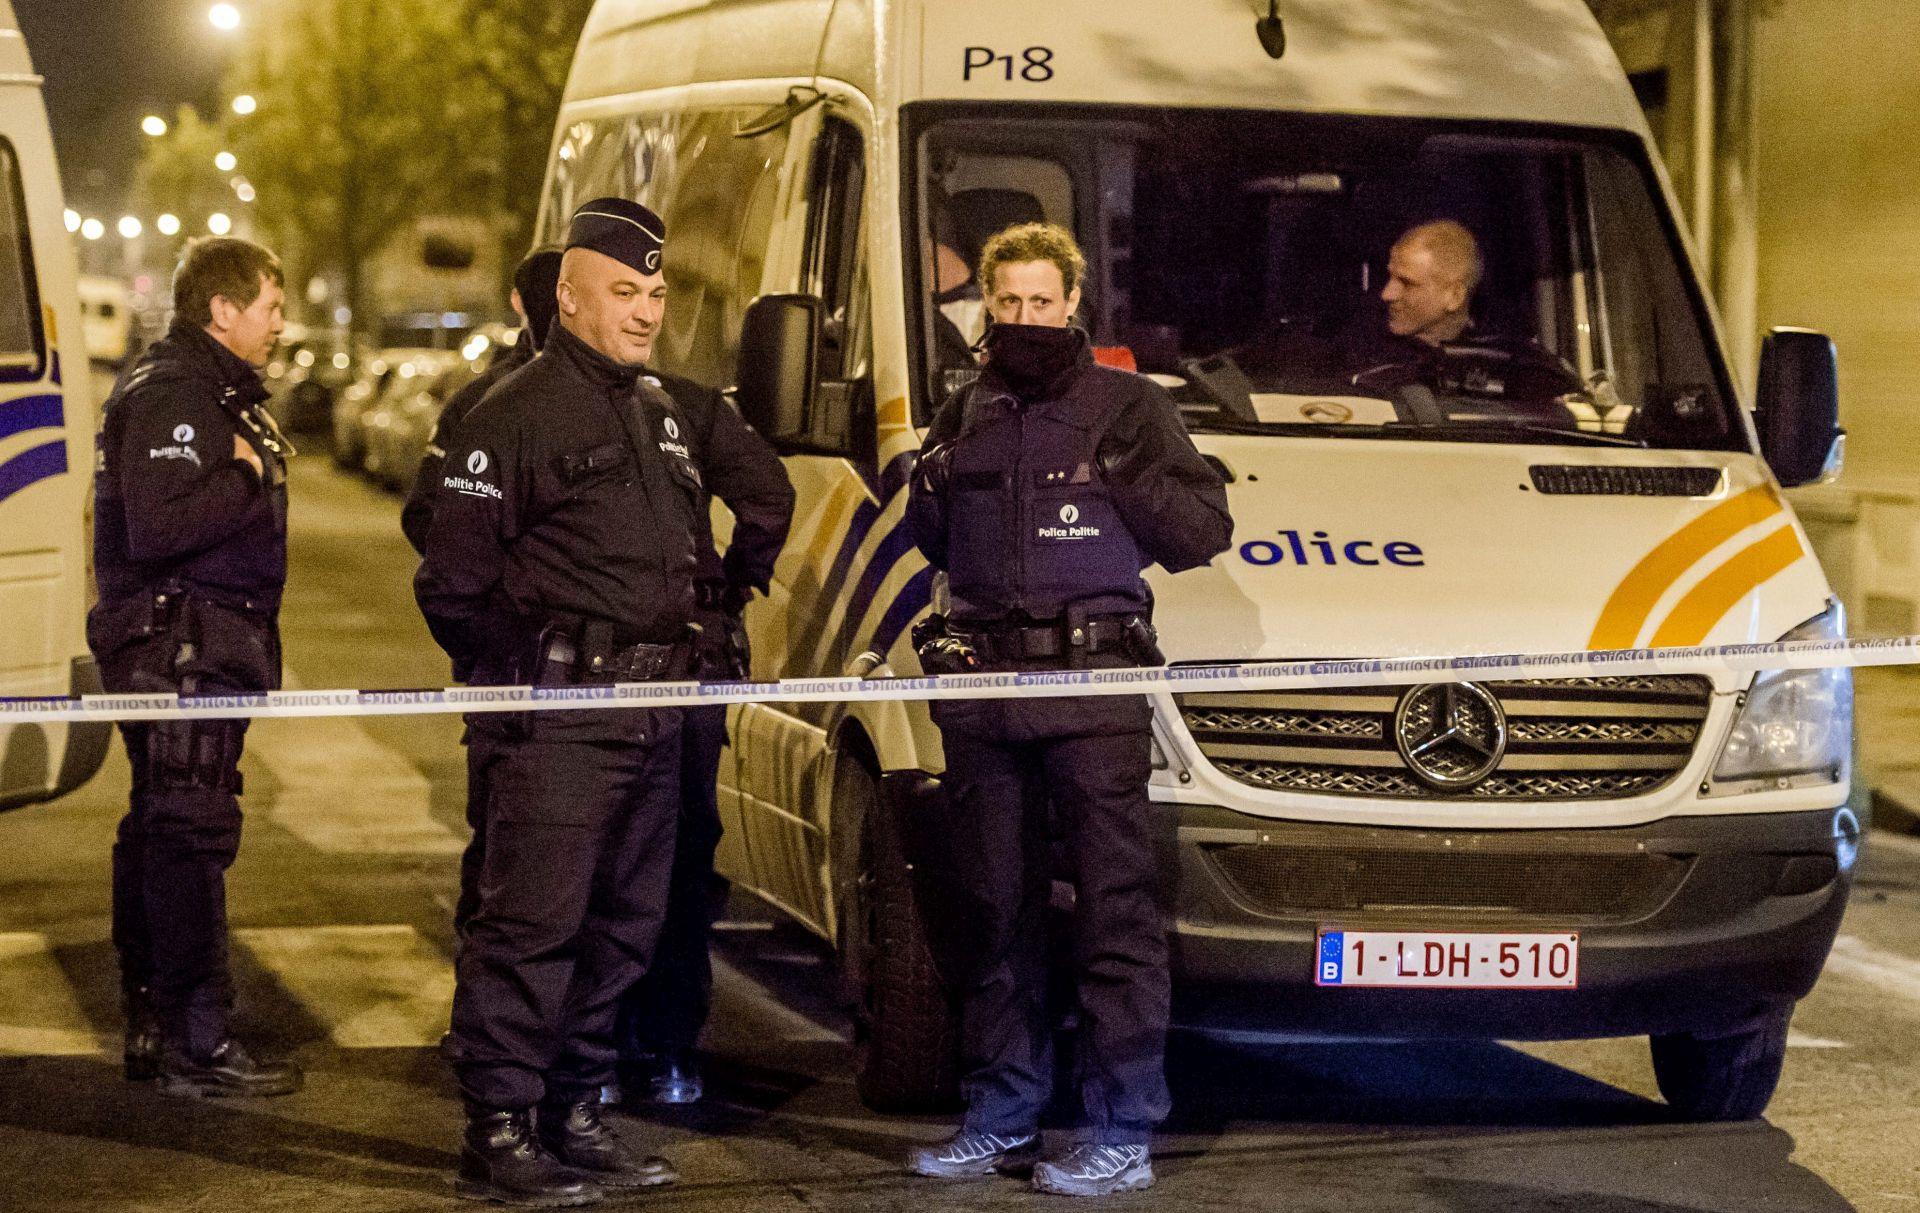 ISTRAGA POKAZALA: Napadači iz Bruxellesa planirali novi napad na Francusku